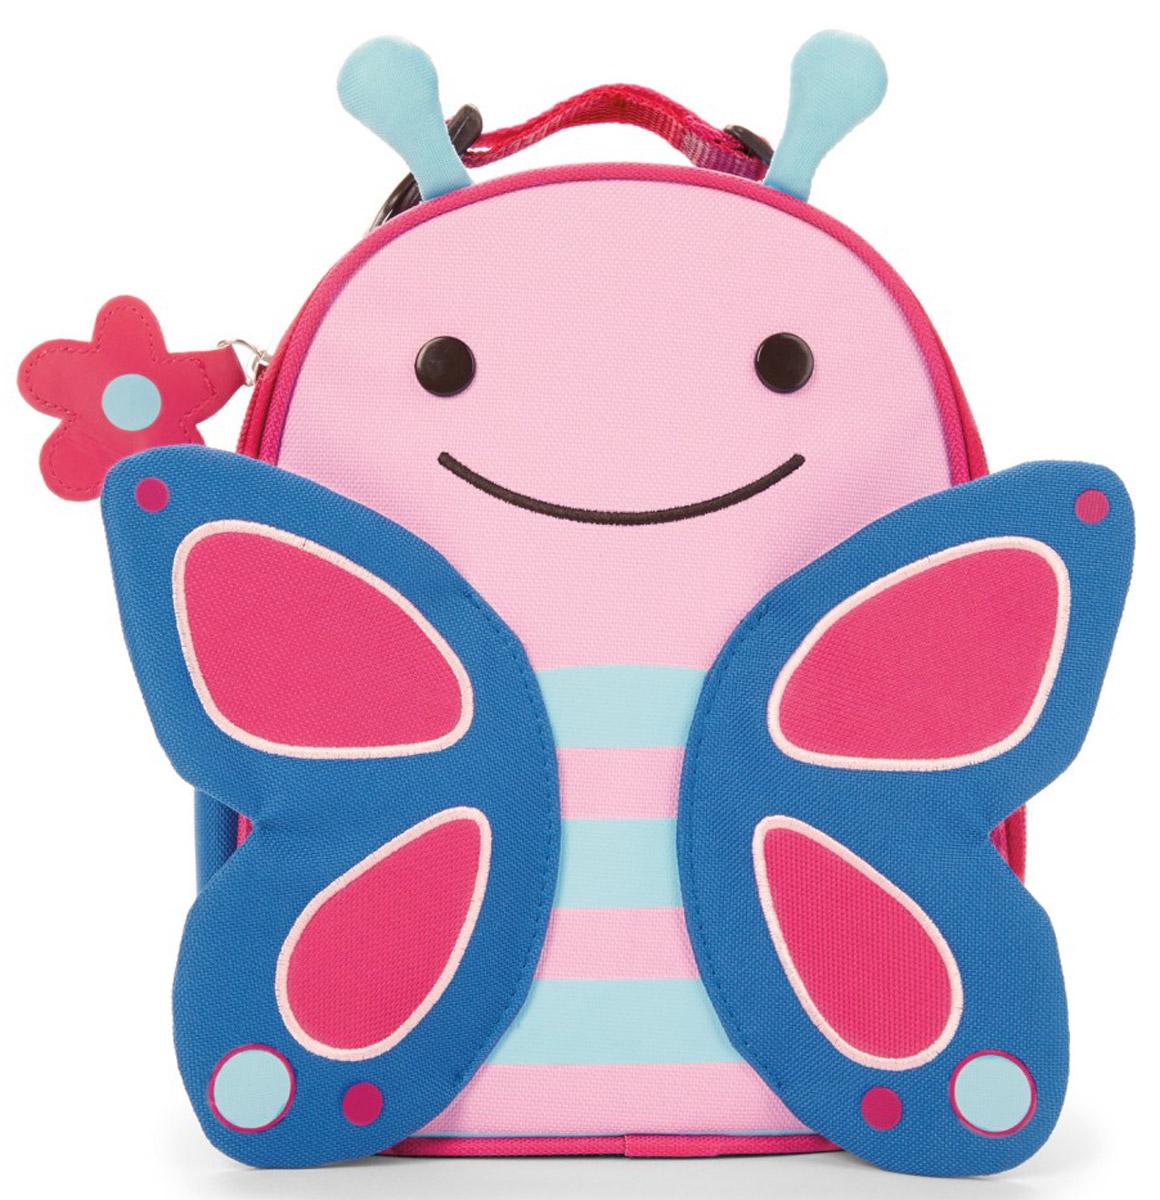 Skip Hop Сумка ланч-бокс детская БабочкаSH 212121Превосходный ланч-бокс Skip Hop Бабочка отлично сохранит свежесть и вкус продуктов для вашего ребёнка. Сумка с одним отделением изготовлена из прочного текстиля. Лицевая сторона декорирована изображением улыбающейся бабочки с крылышками и торчащими усиками. Внутренняя поверхность отделана термоизоляционным материалом, благодаря которому продукты дольше остаются свежими. Изделие закрывается на пластиковую застежку-молнию с удобным держателем на бегунке. Внутри имеется сетчатый карман для хранения аксессуаров и текстильная нашивка для записи имени владельца сумки. Ланч-бокс дополнен удобной текстильной ручкой с регулируемой длиной и пластиковым карабином. Такая сумка ланч-бокс пригодится везде: на прогулке, во время учебы, на отдыхе, во время путешествий.